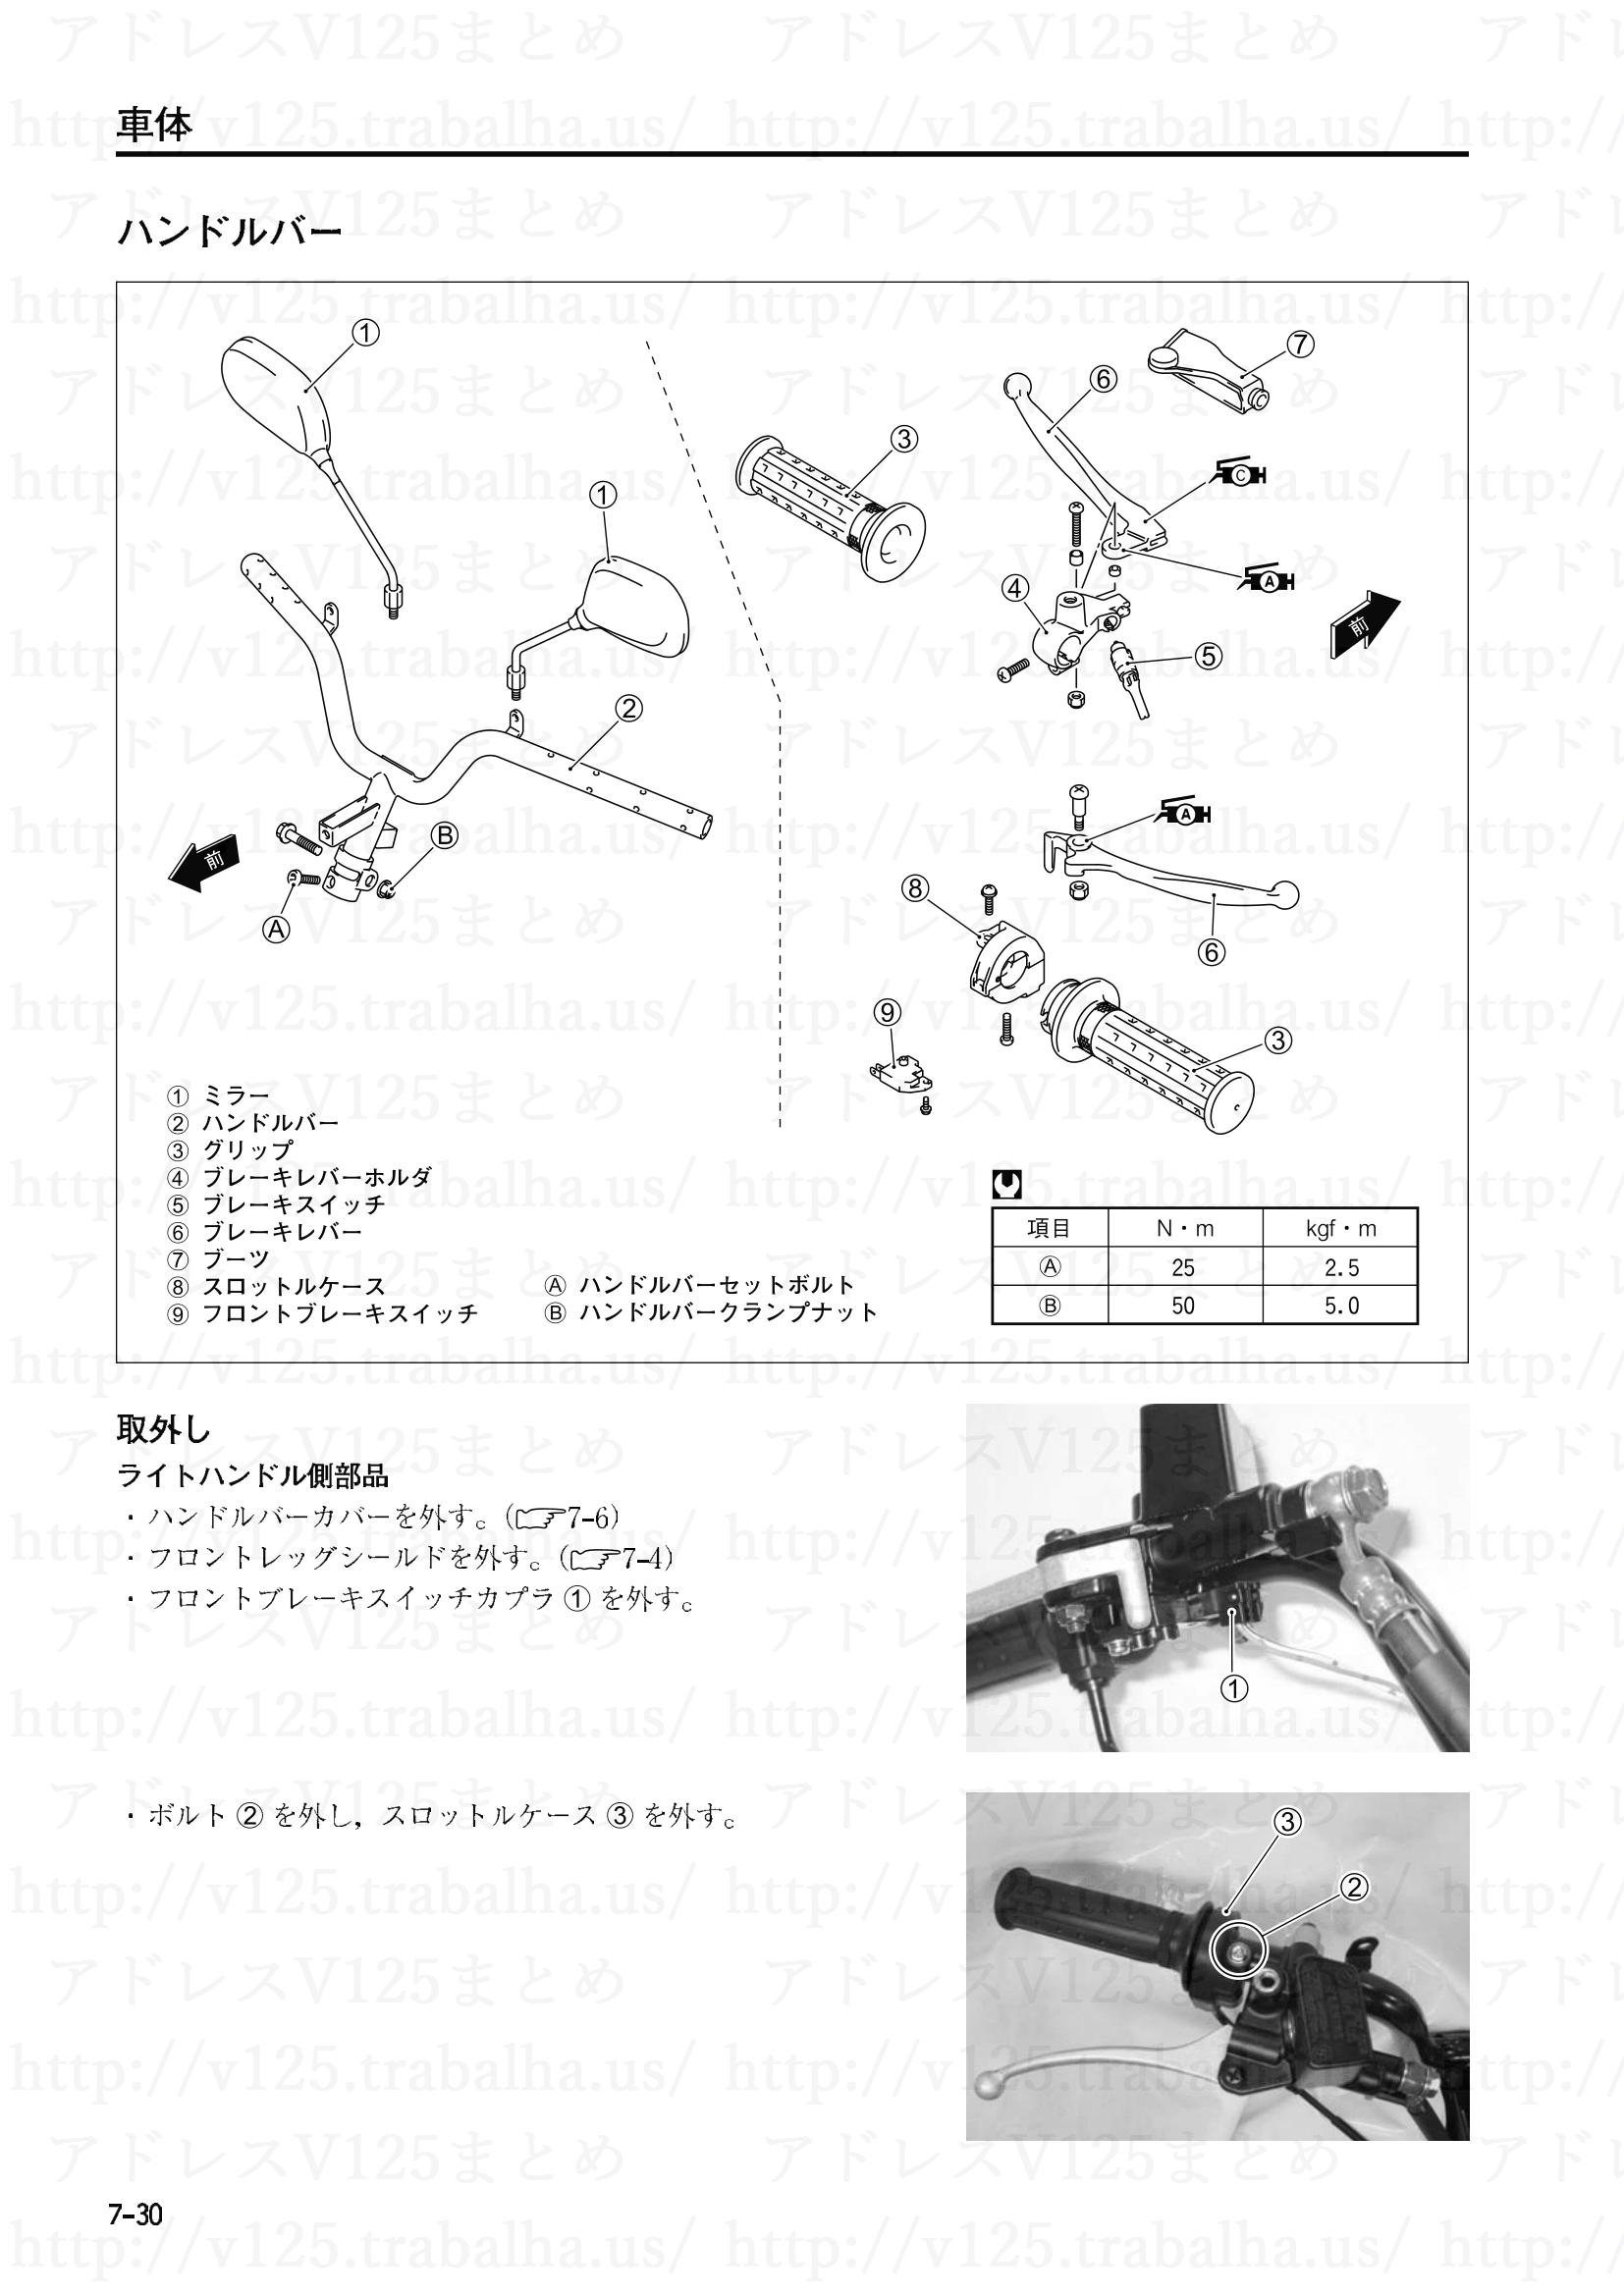 7-30【車体】ハンドルバーの取外し1